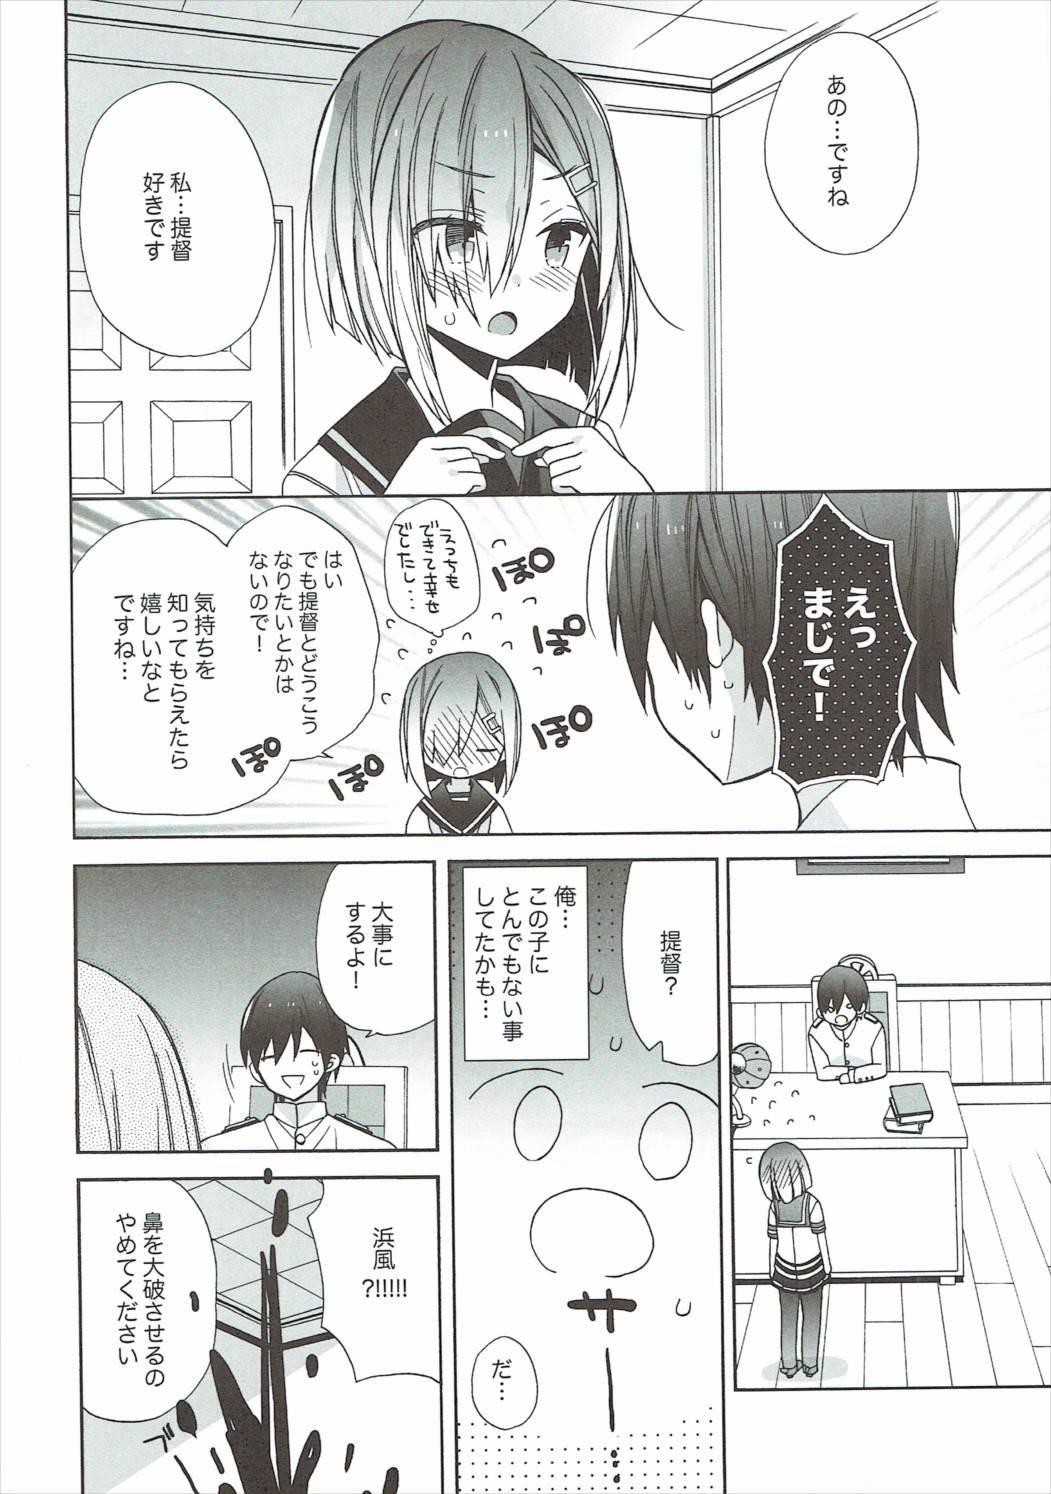 Hamakaze-chan wa Renai Saidaichi Takame 18